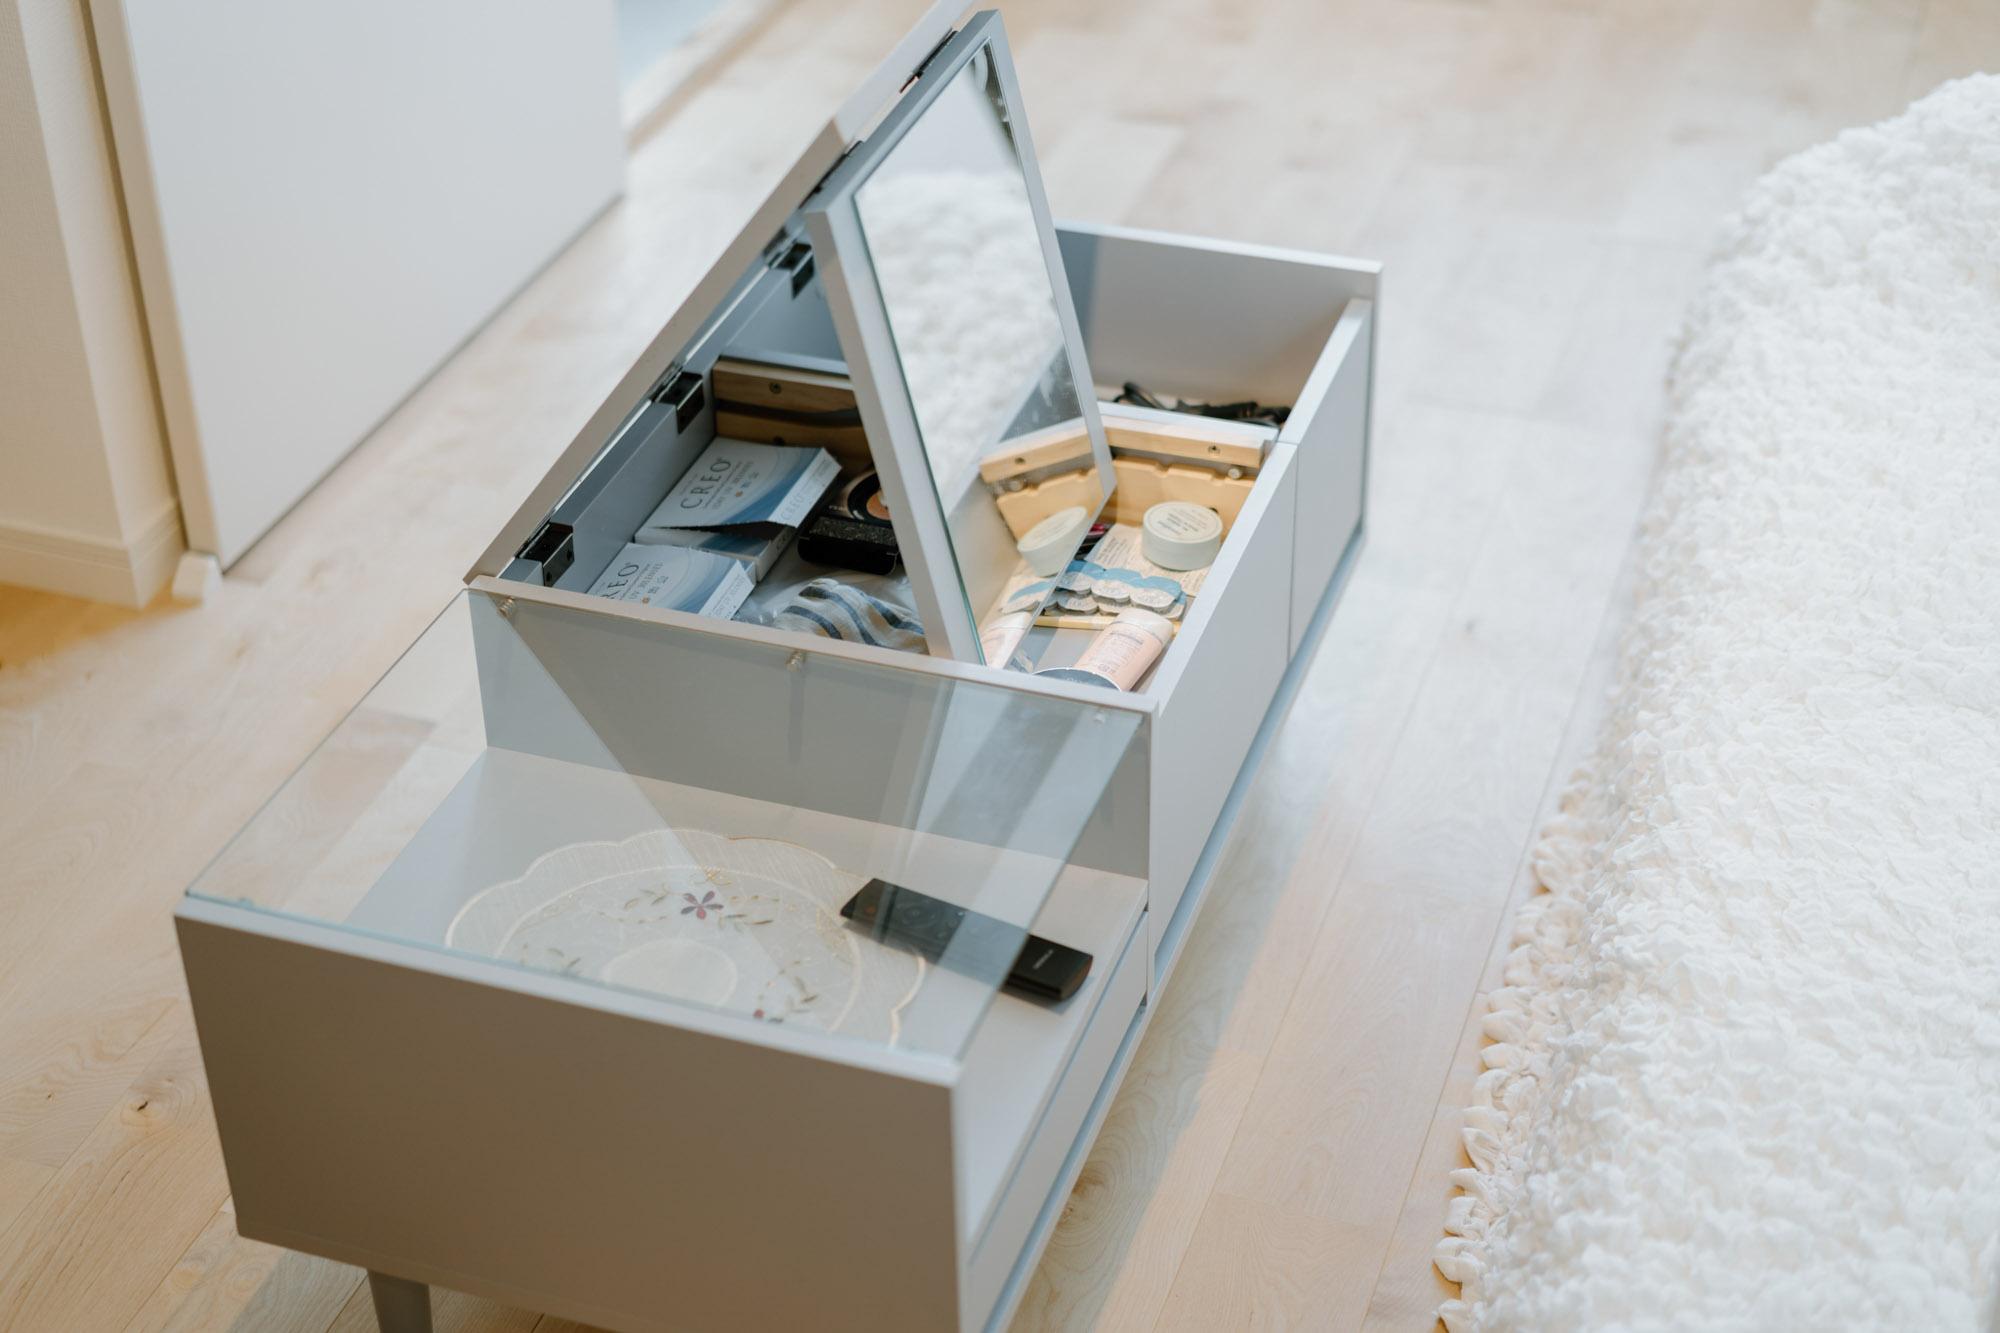 アクセントクロスの色とも合っているLOWYAのローテーブルは、天板を開くとミラーになり、ドレッサーとしても使えるもの。